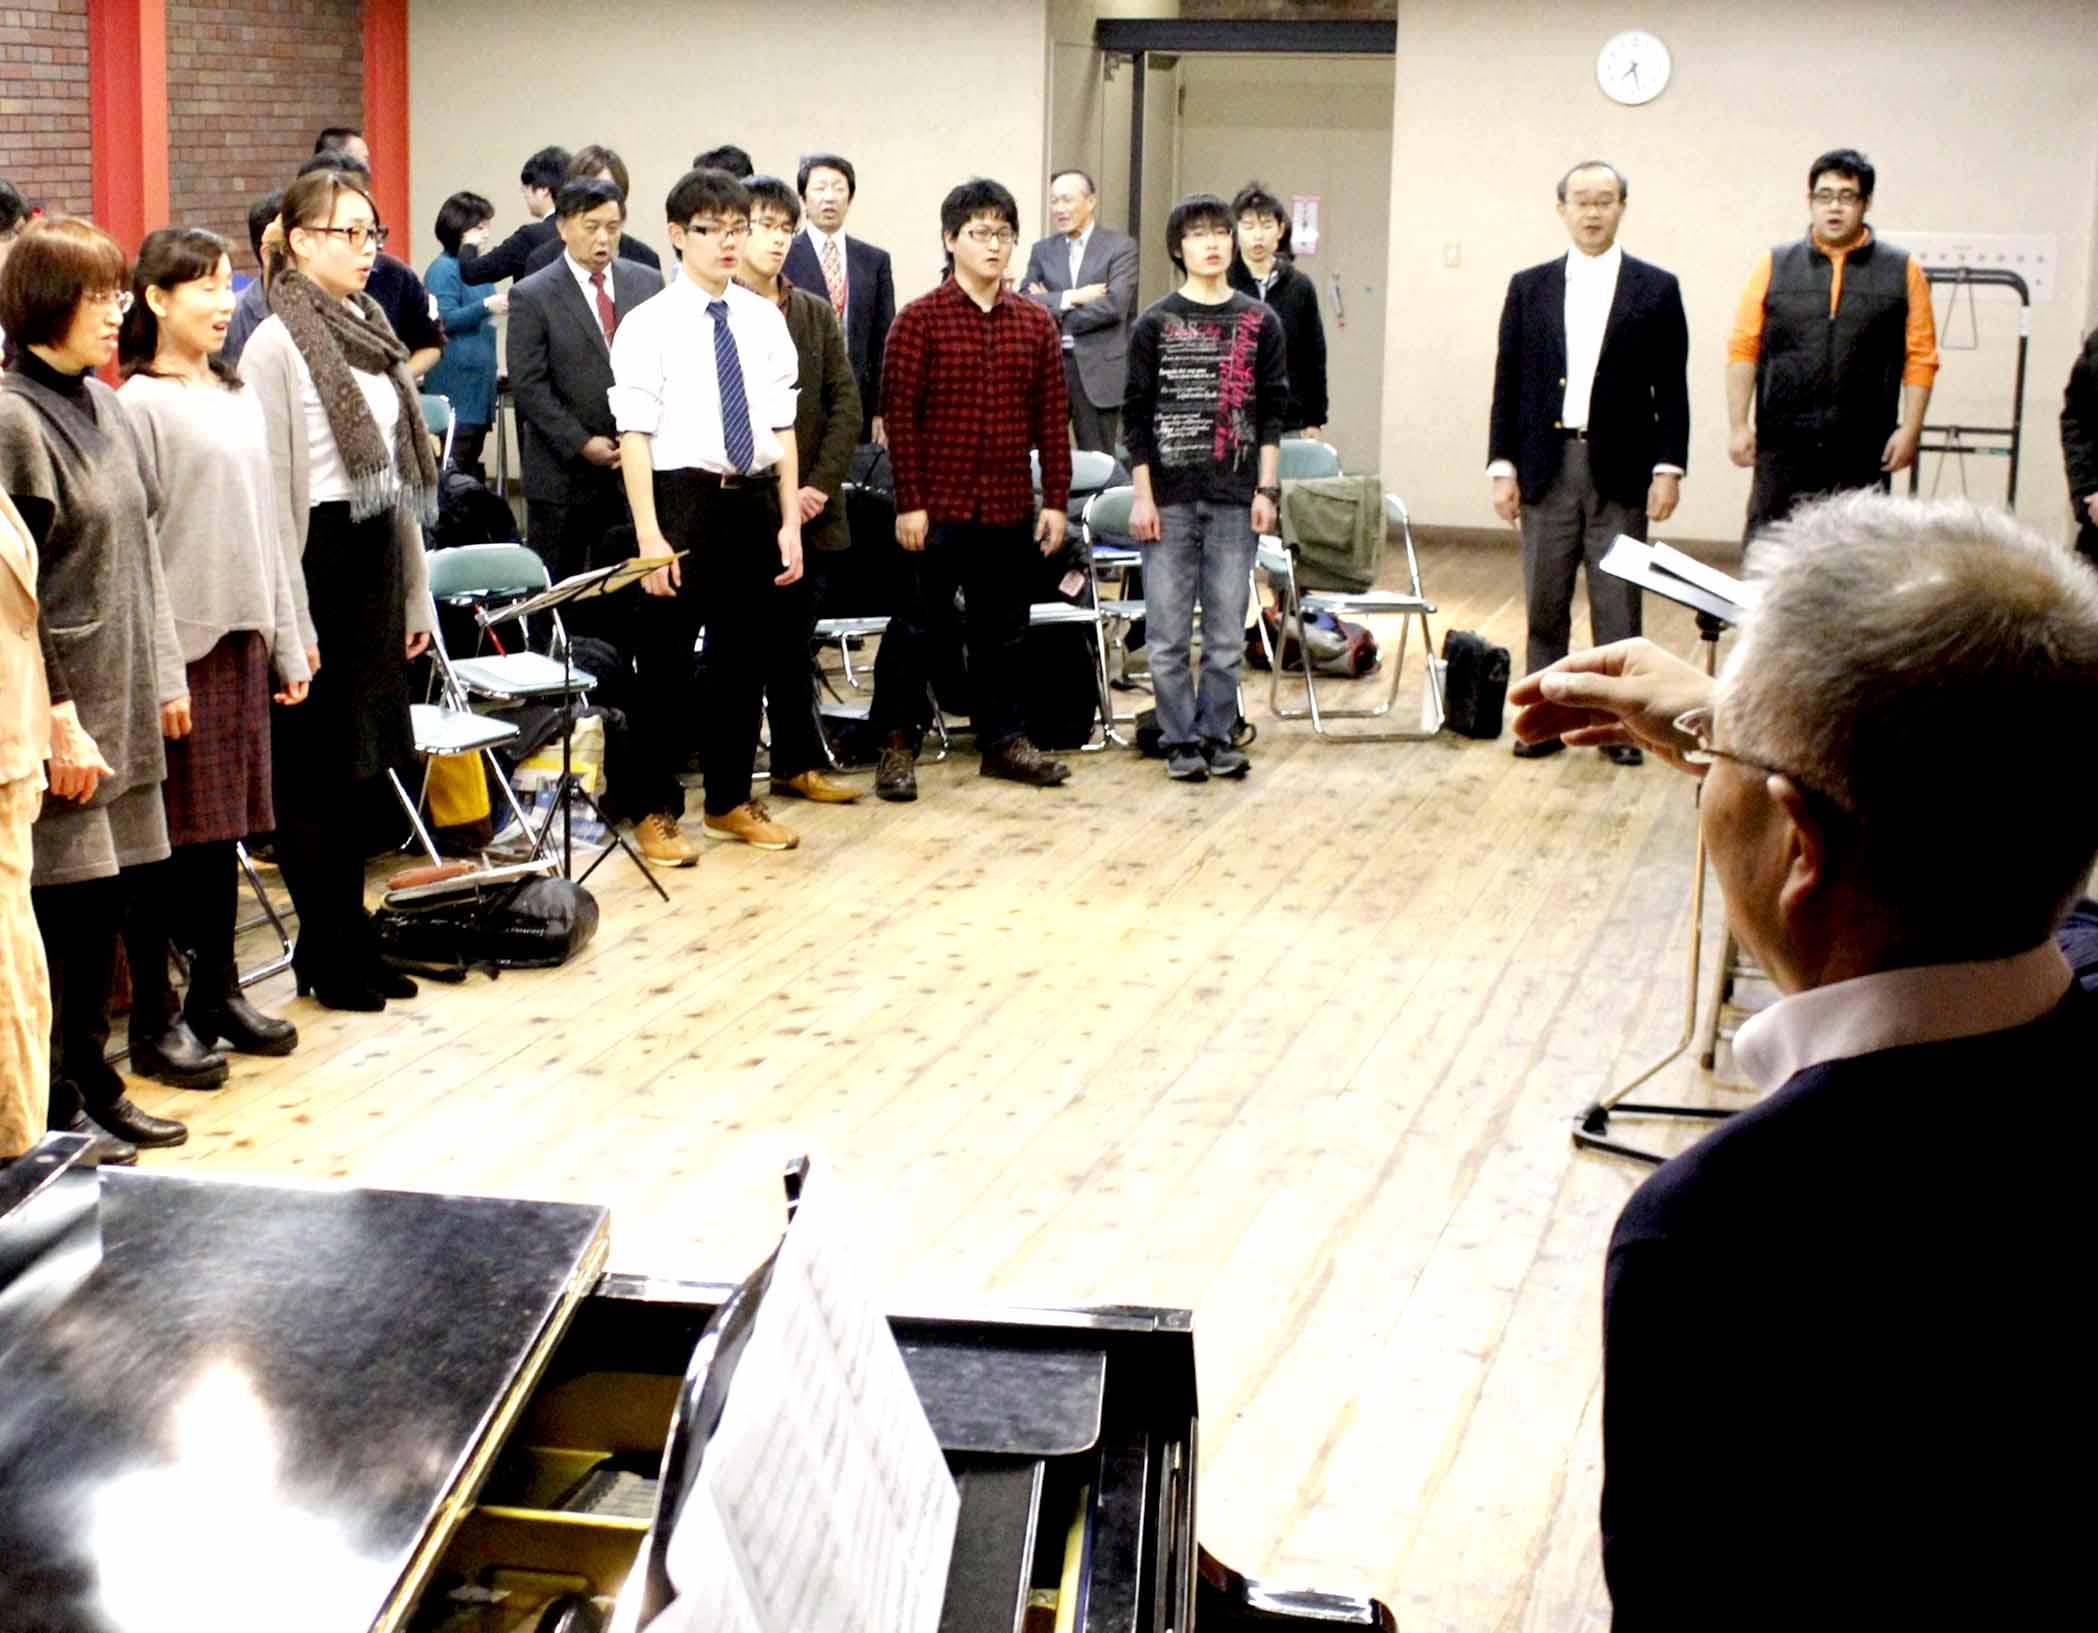 発声練習に打ち込む合唱団=金沢市民芸術村